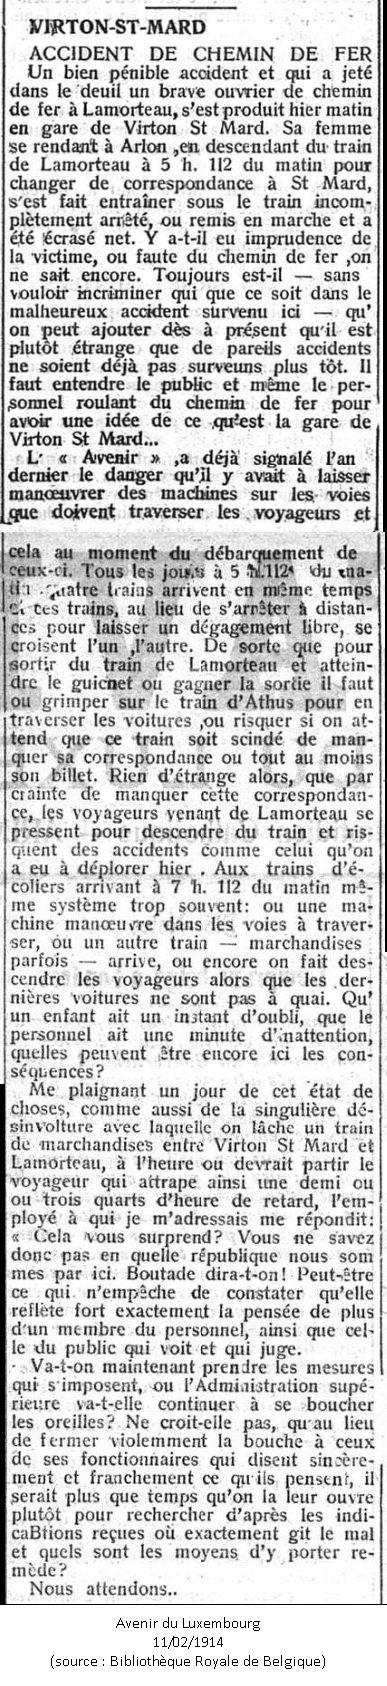 virton-saint-mard_avenir-luxembourg_19140211